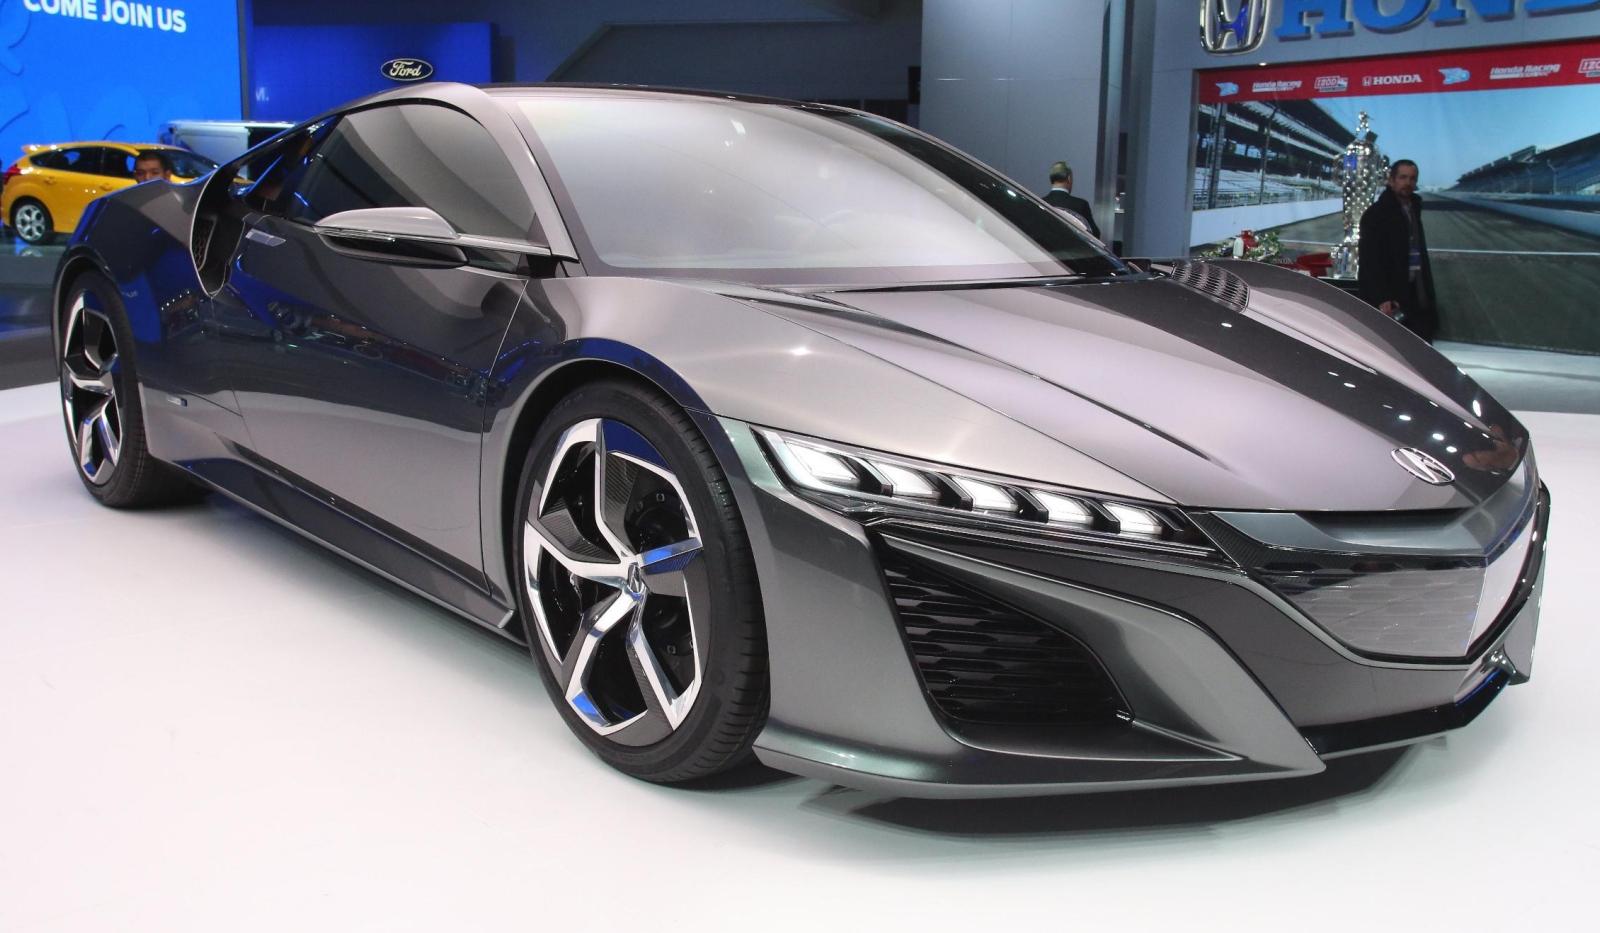 Ya viste el nuevo Acura NSX?